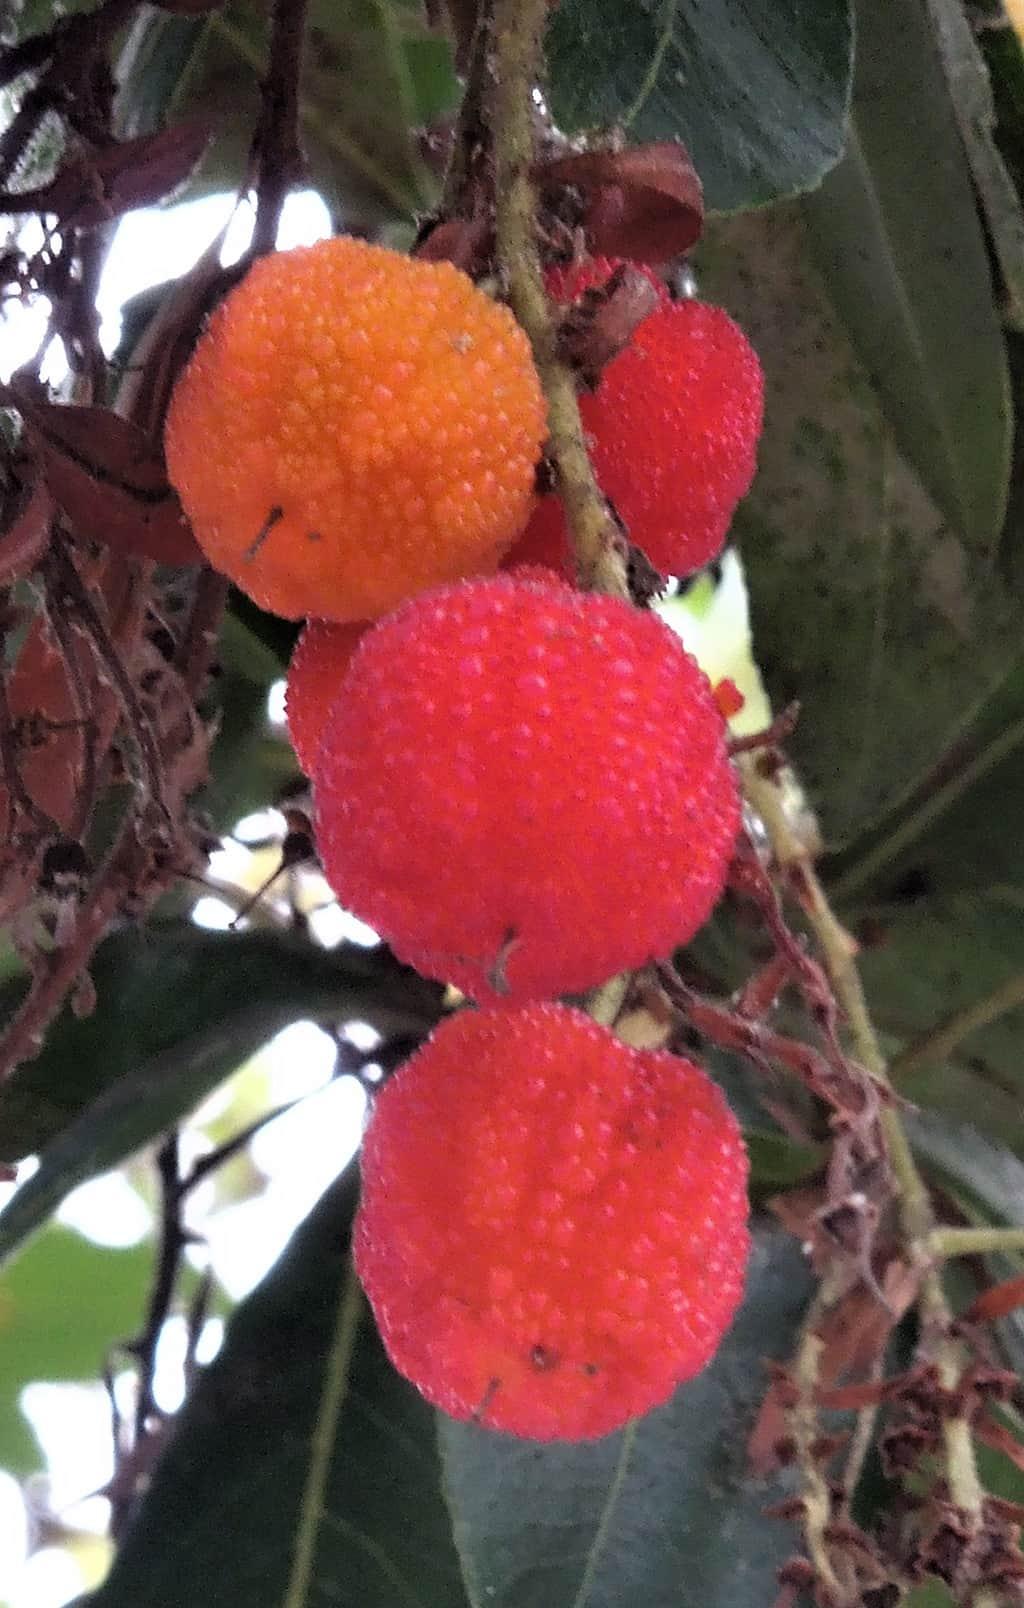 Arbutus Marina Tree Fruit